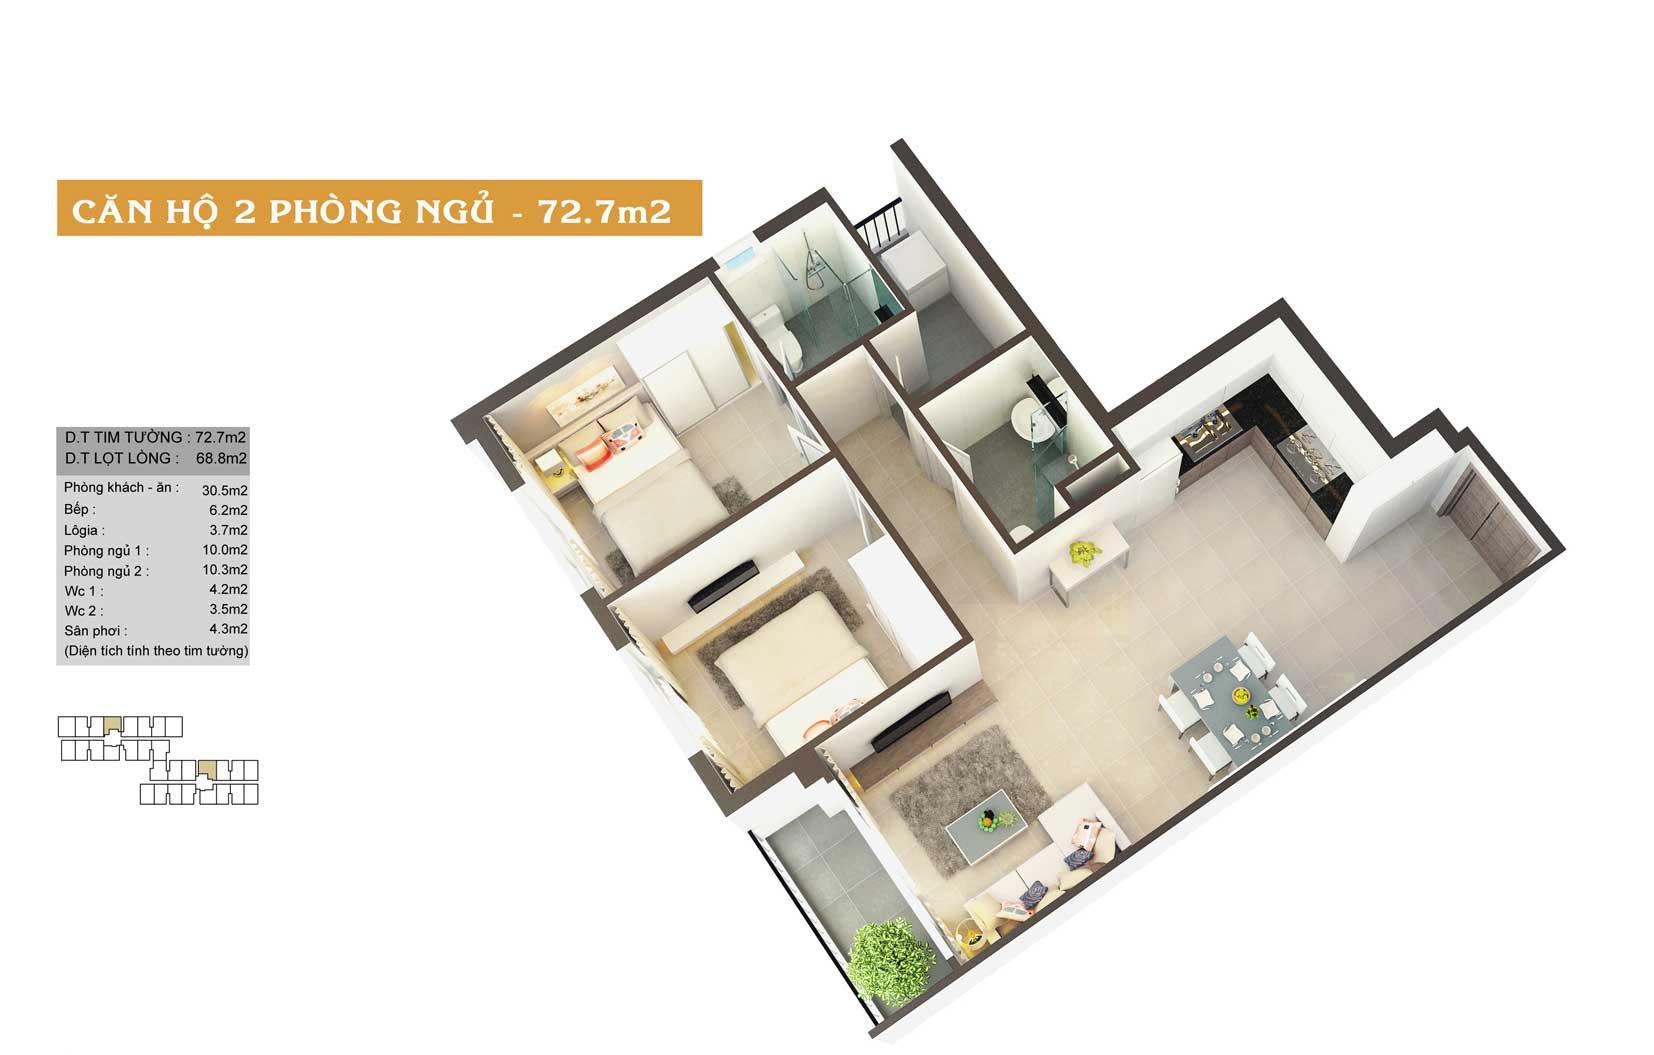 Thiết kế căn hộ High Intela 73m2